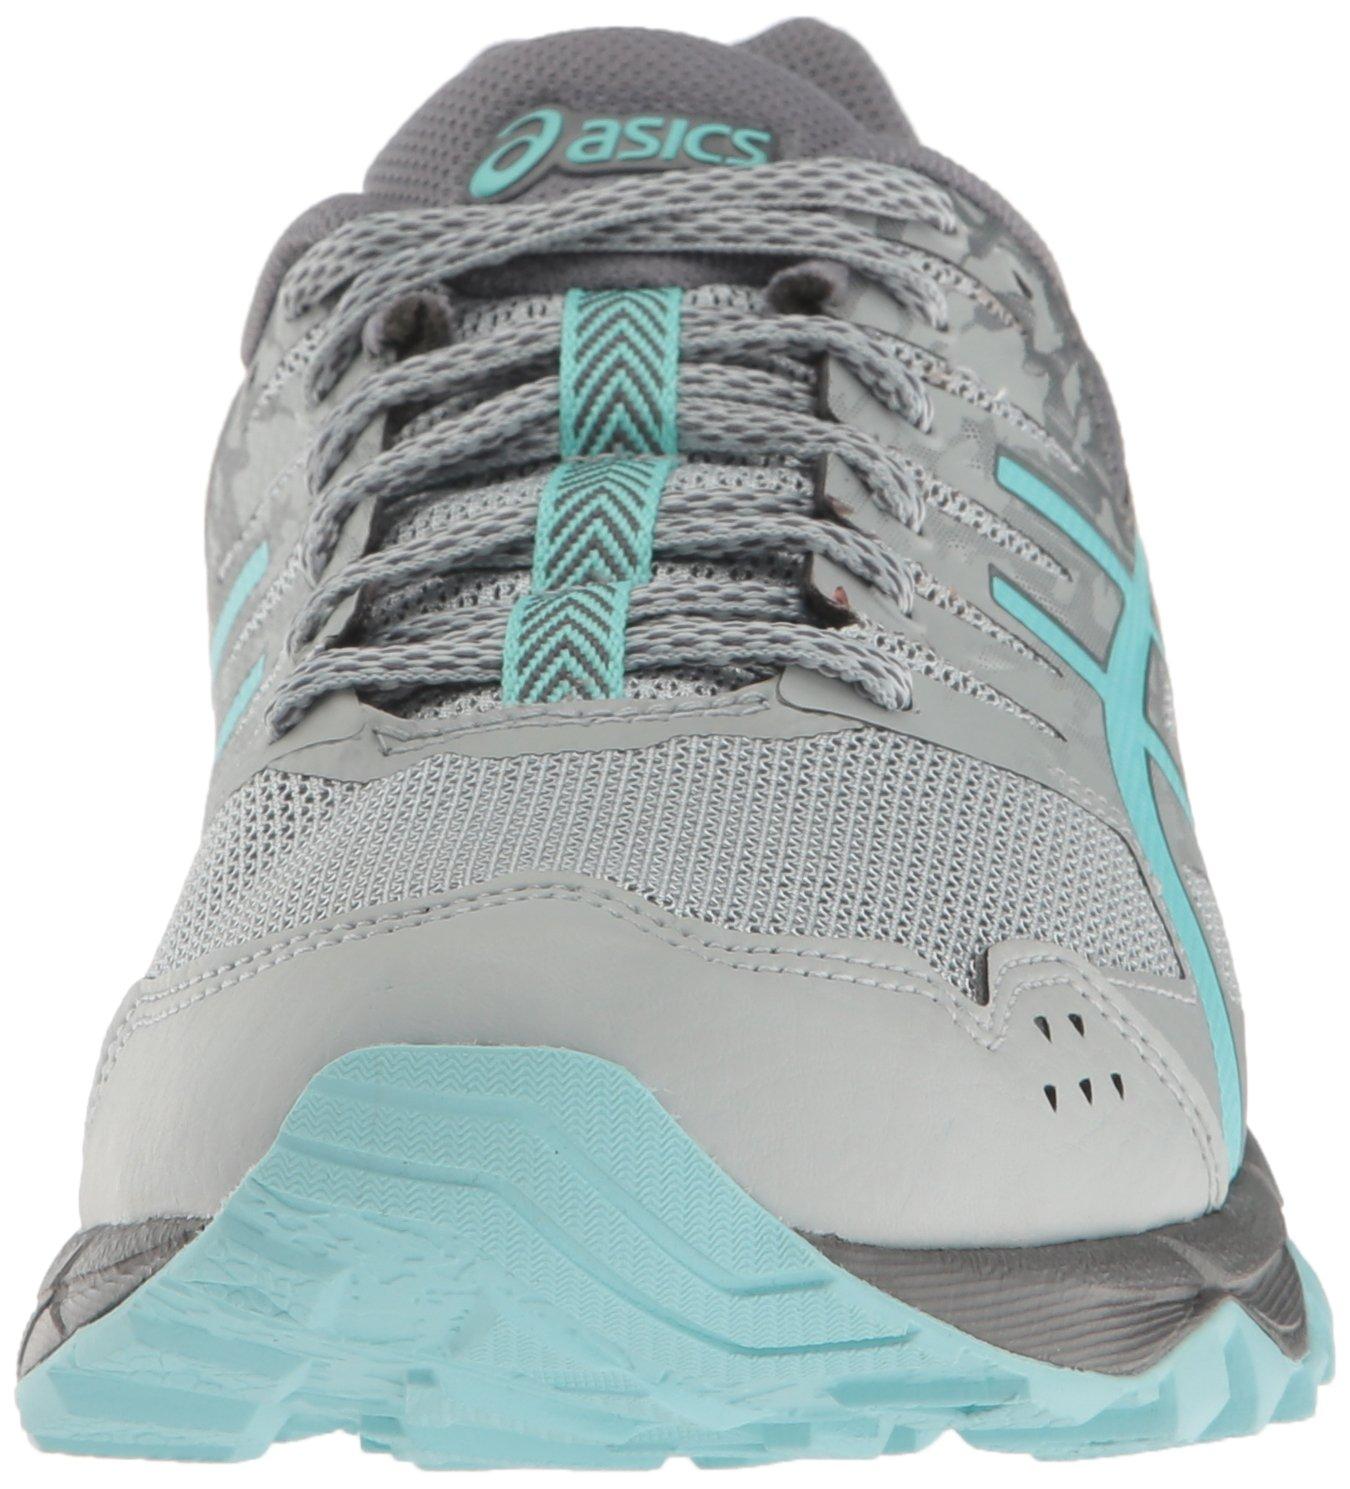 Zadní nohy GEL odpružení Systém  Zeslabuje šok při nárazu fáze a umožňuje  pro hladký přechod do středního stavu. 3a621a1501